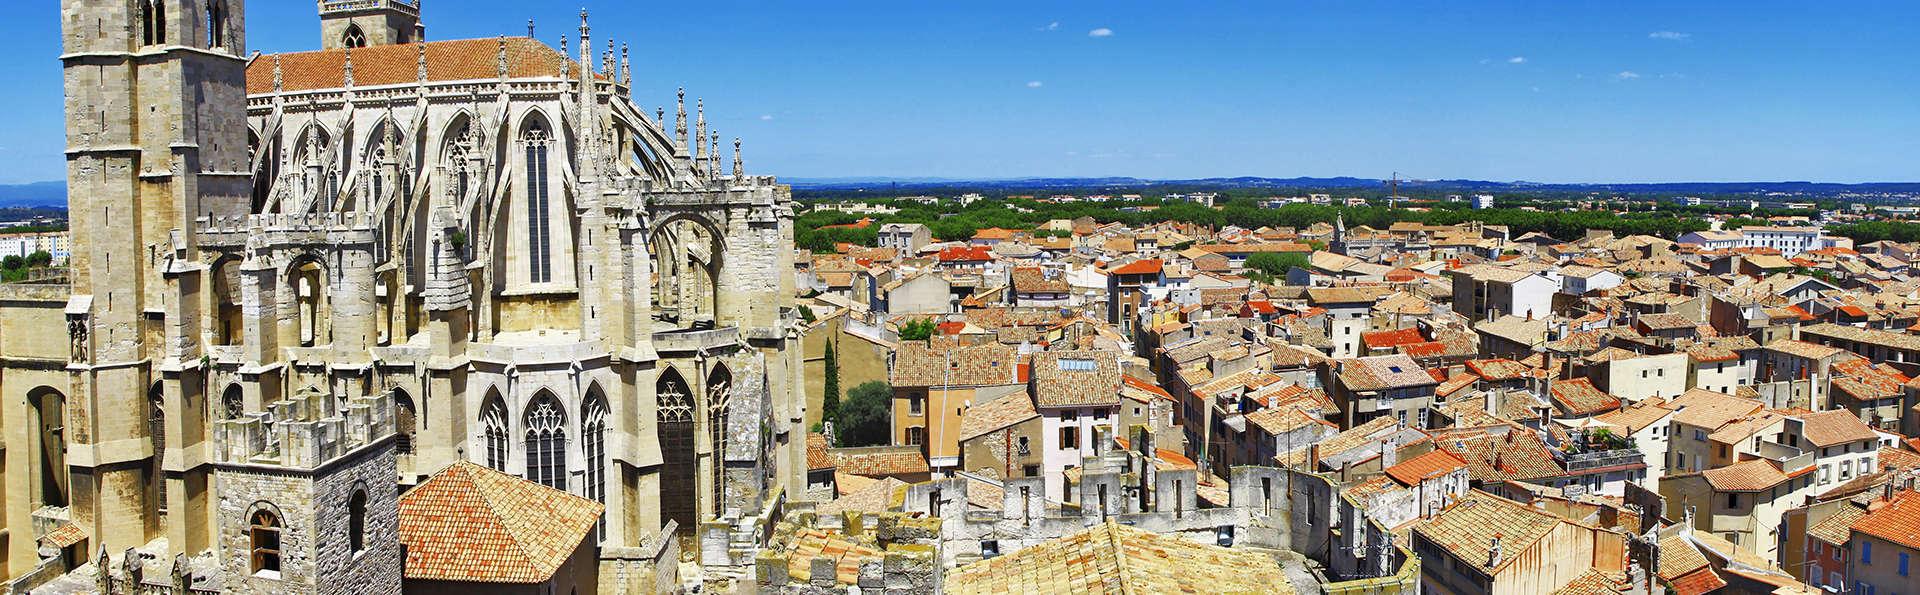 Adonis Saint-Pierre-la-Mer by Olydea - Edit_Narbonne.jpg